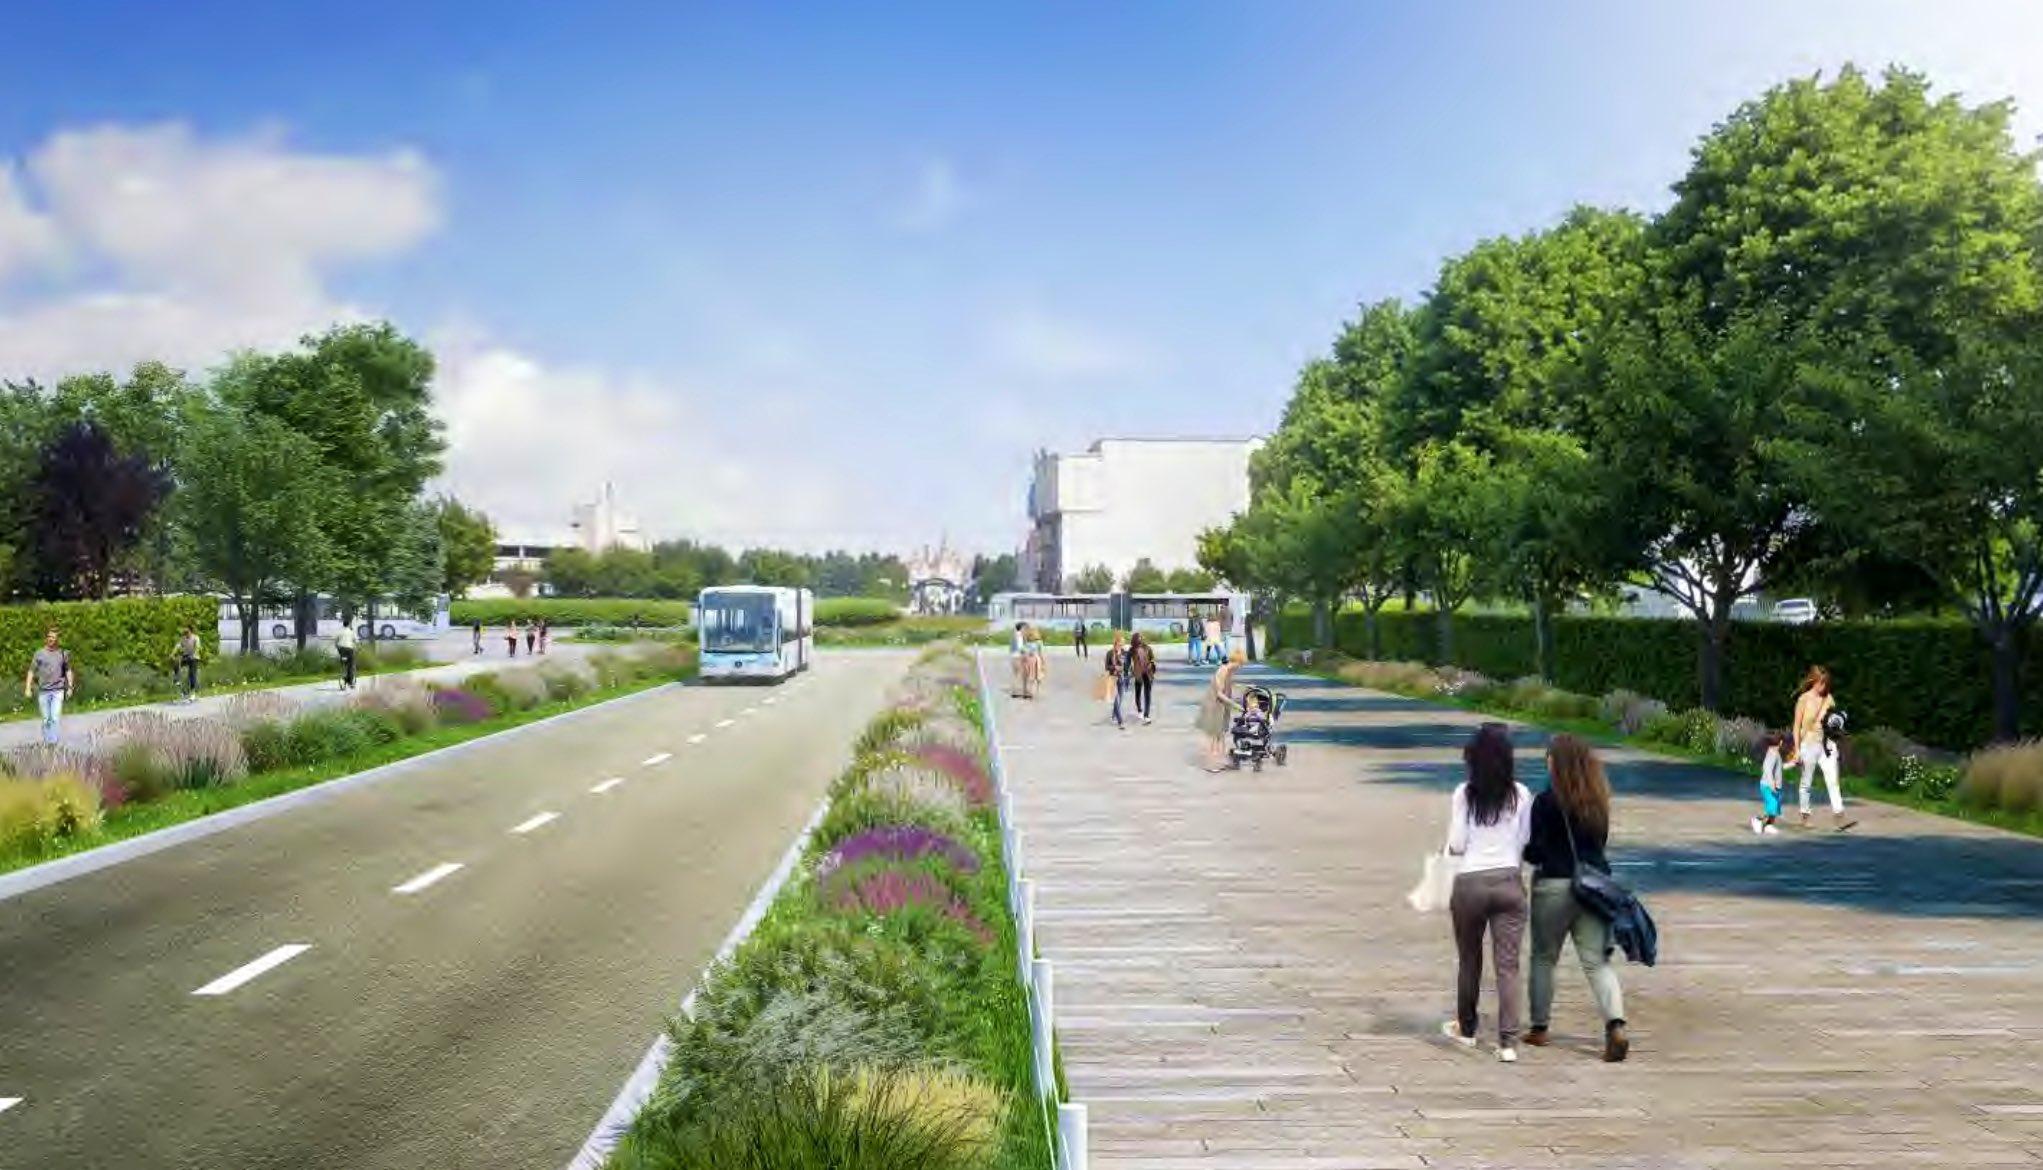 Esplanade : Nouvel Aménagement entre les Parcs, la Gare et DV - Page 29 EwDnIbFXMAYsIBS?format=jpg&name=large